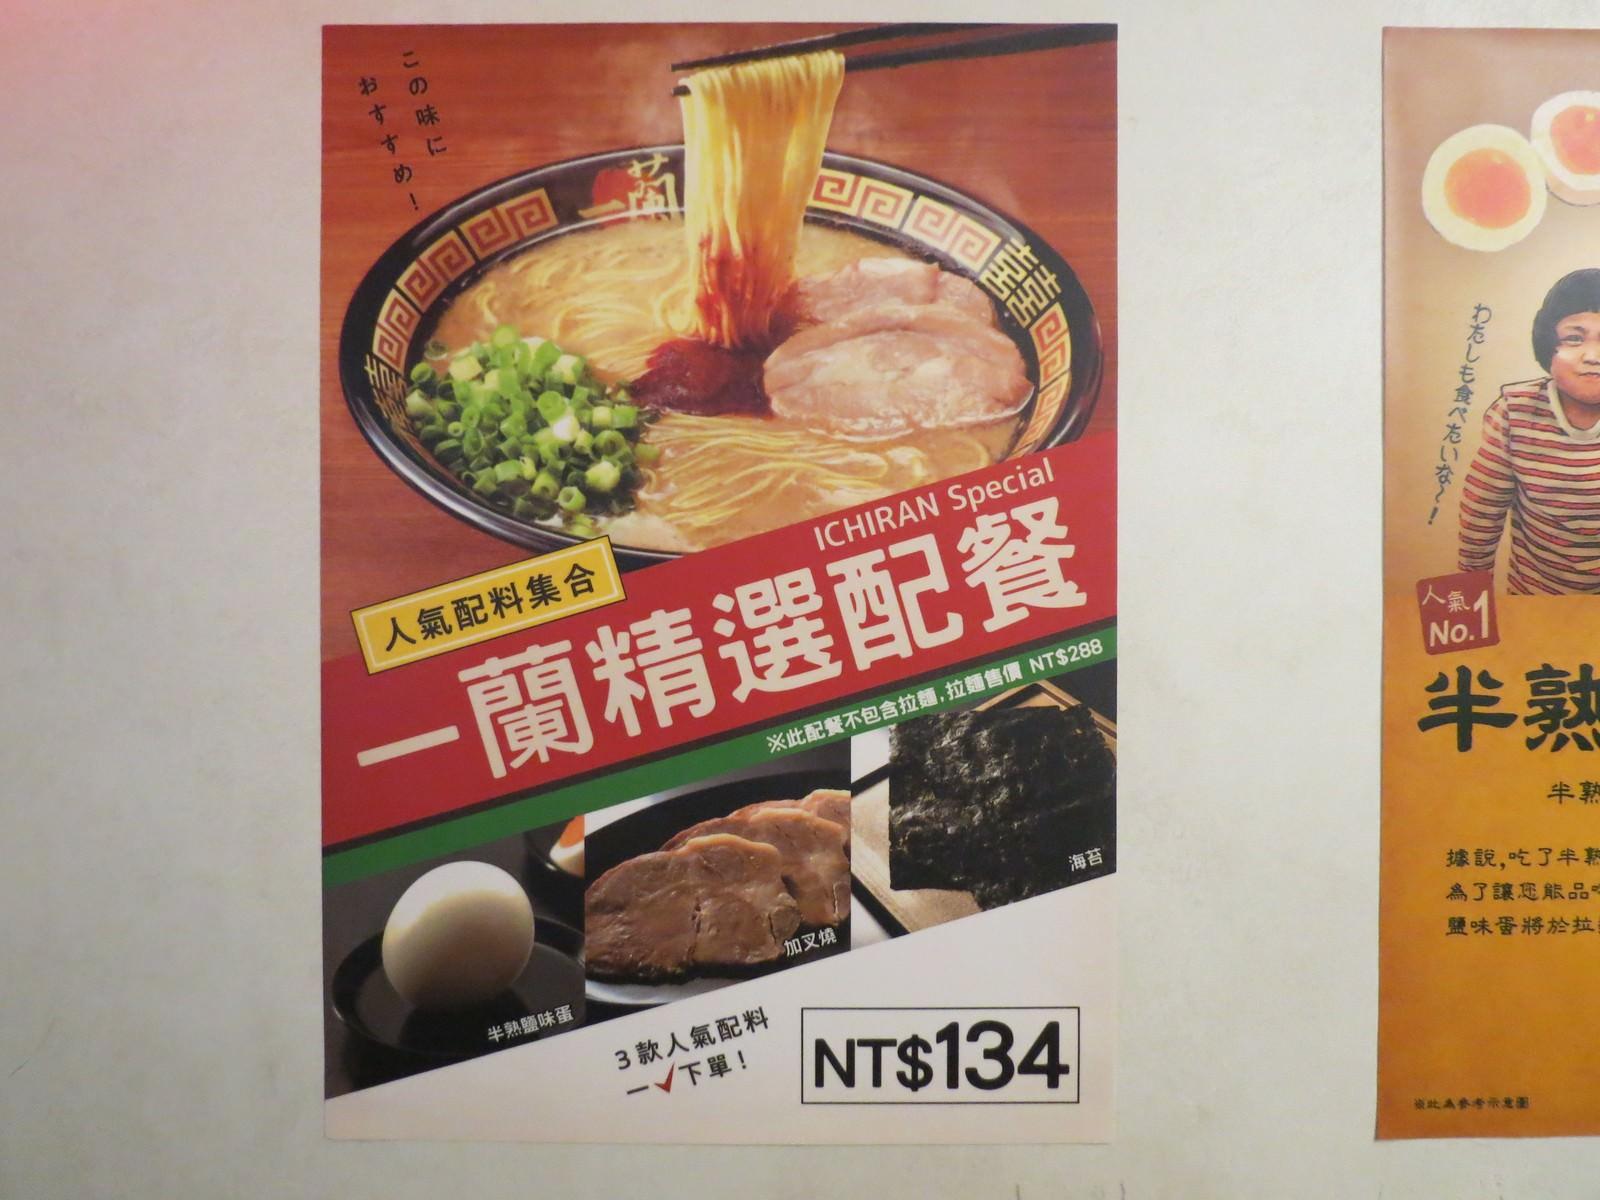 天然豚骨拉麵專門店一蘭@台灣台北本店別館, 宣傳海報